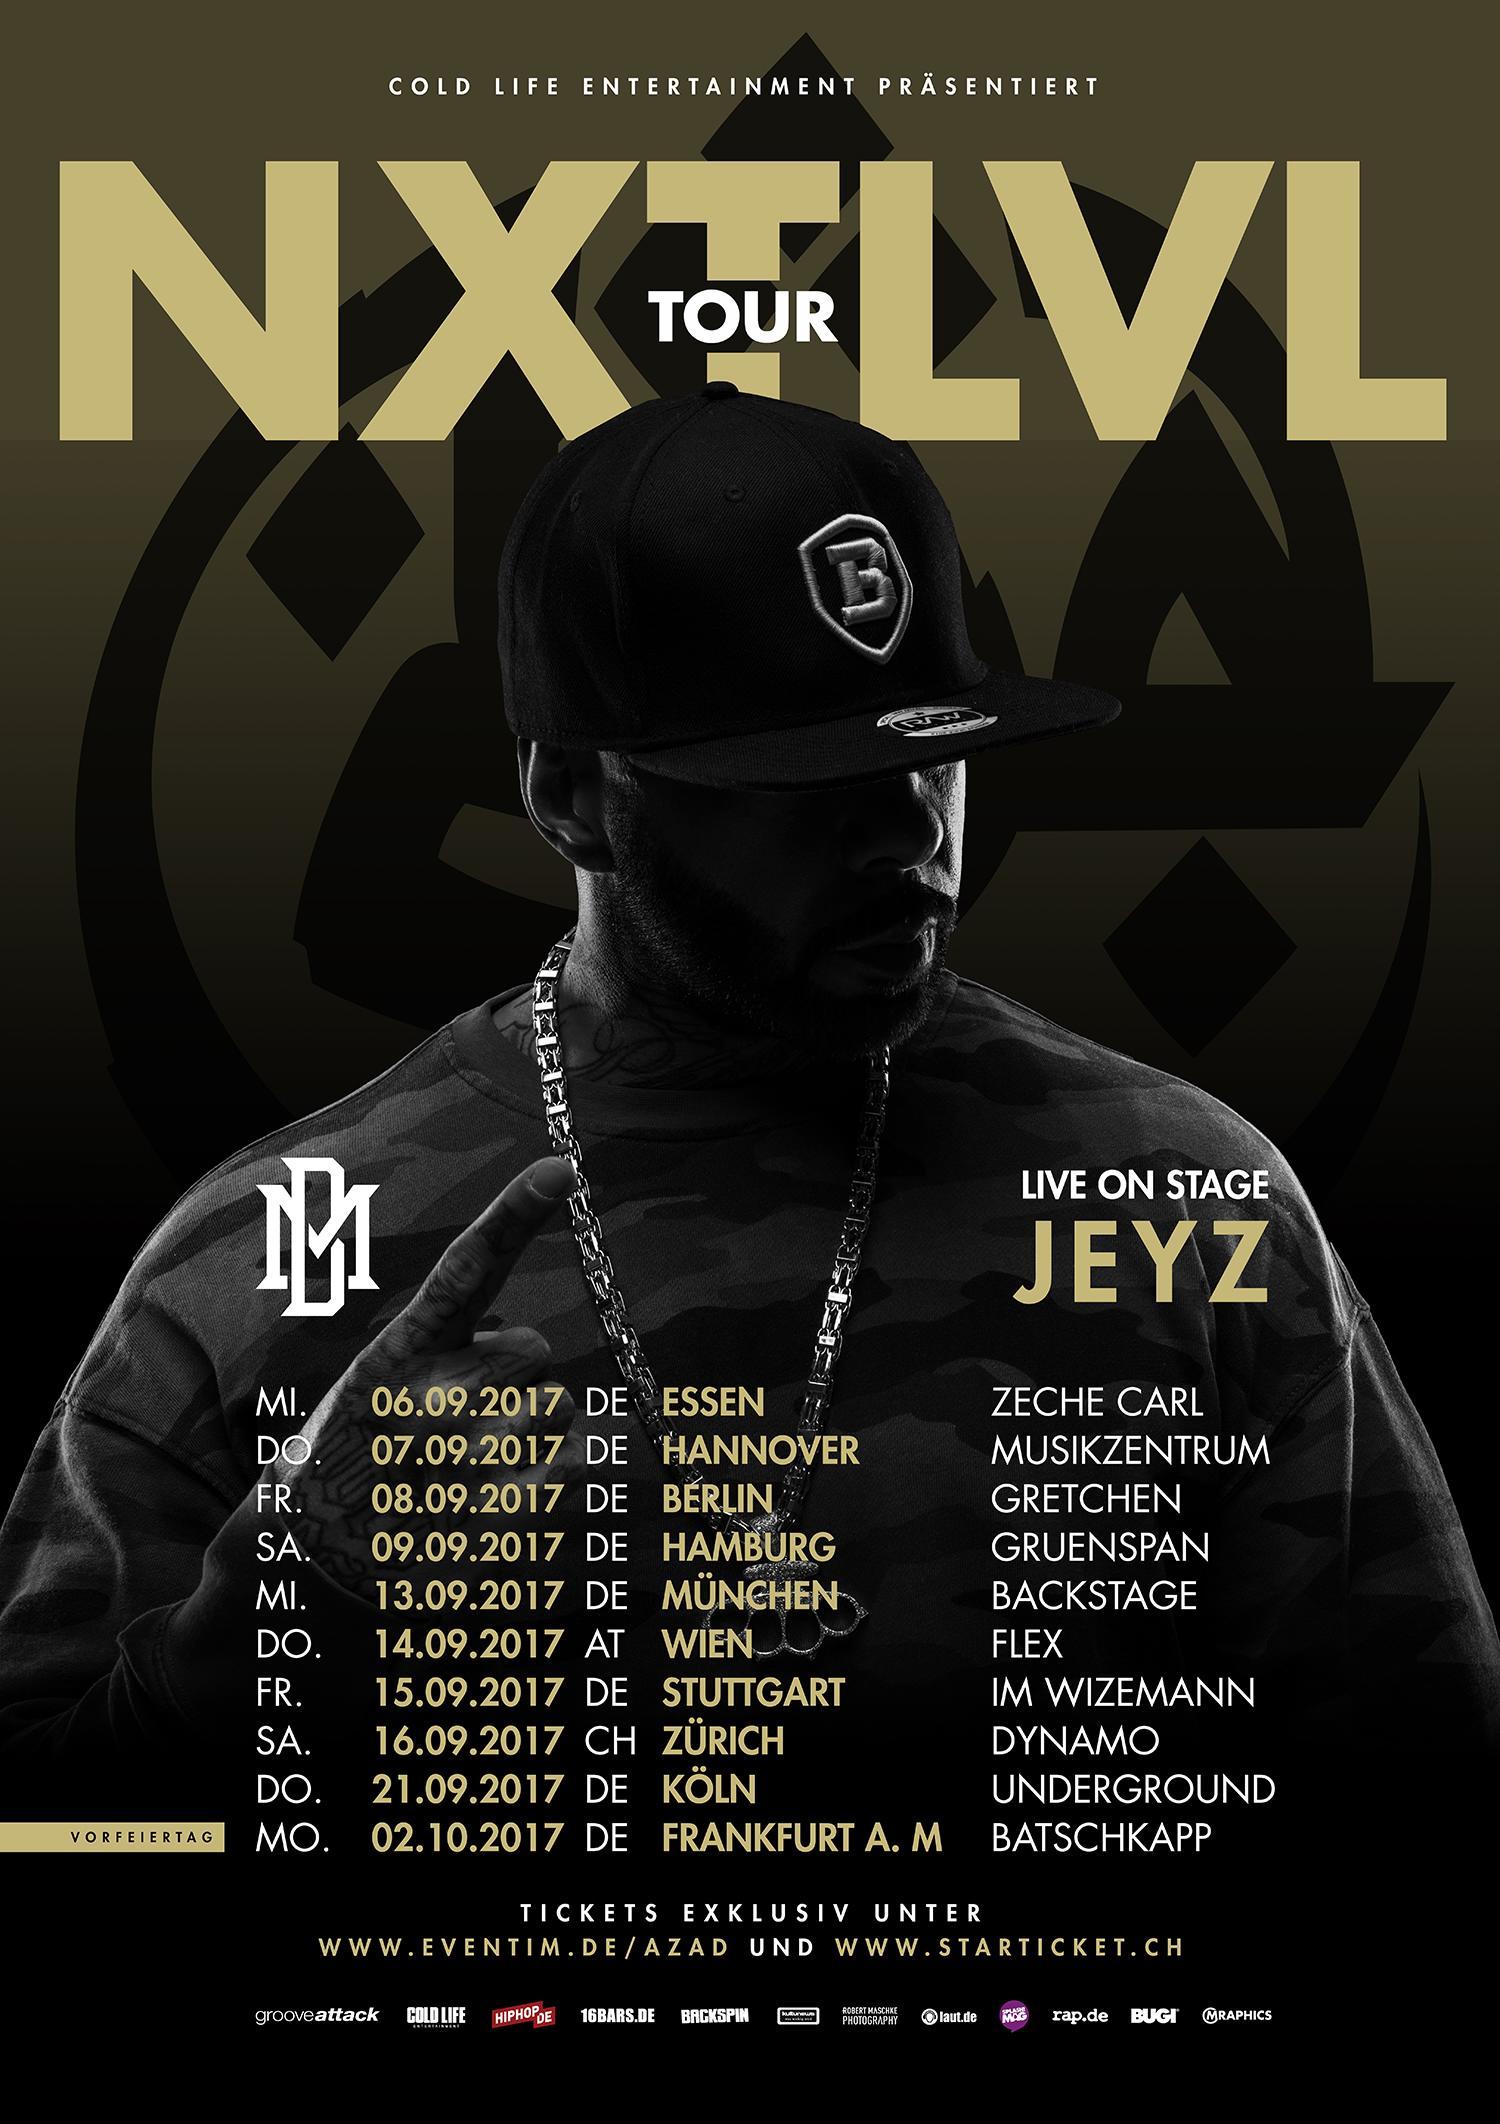 nxtlvl-tour